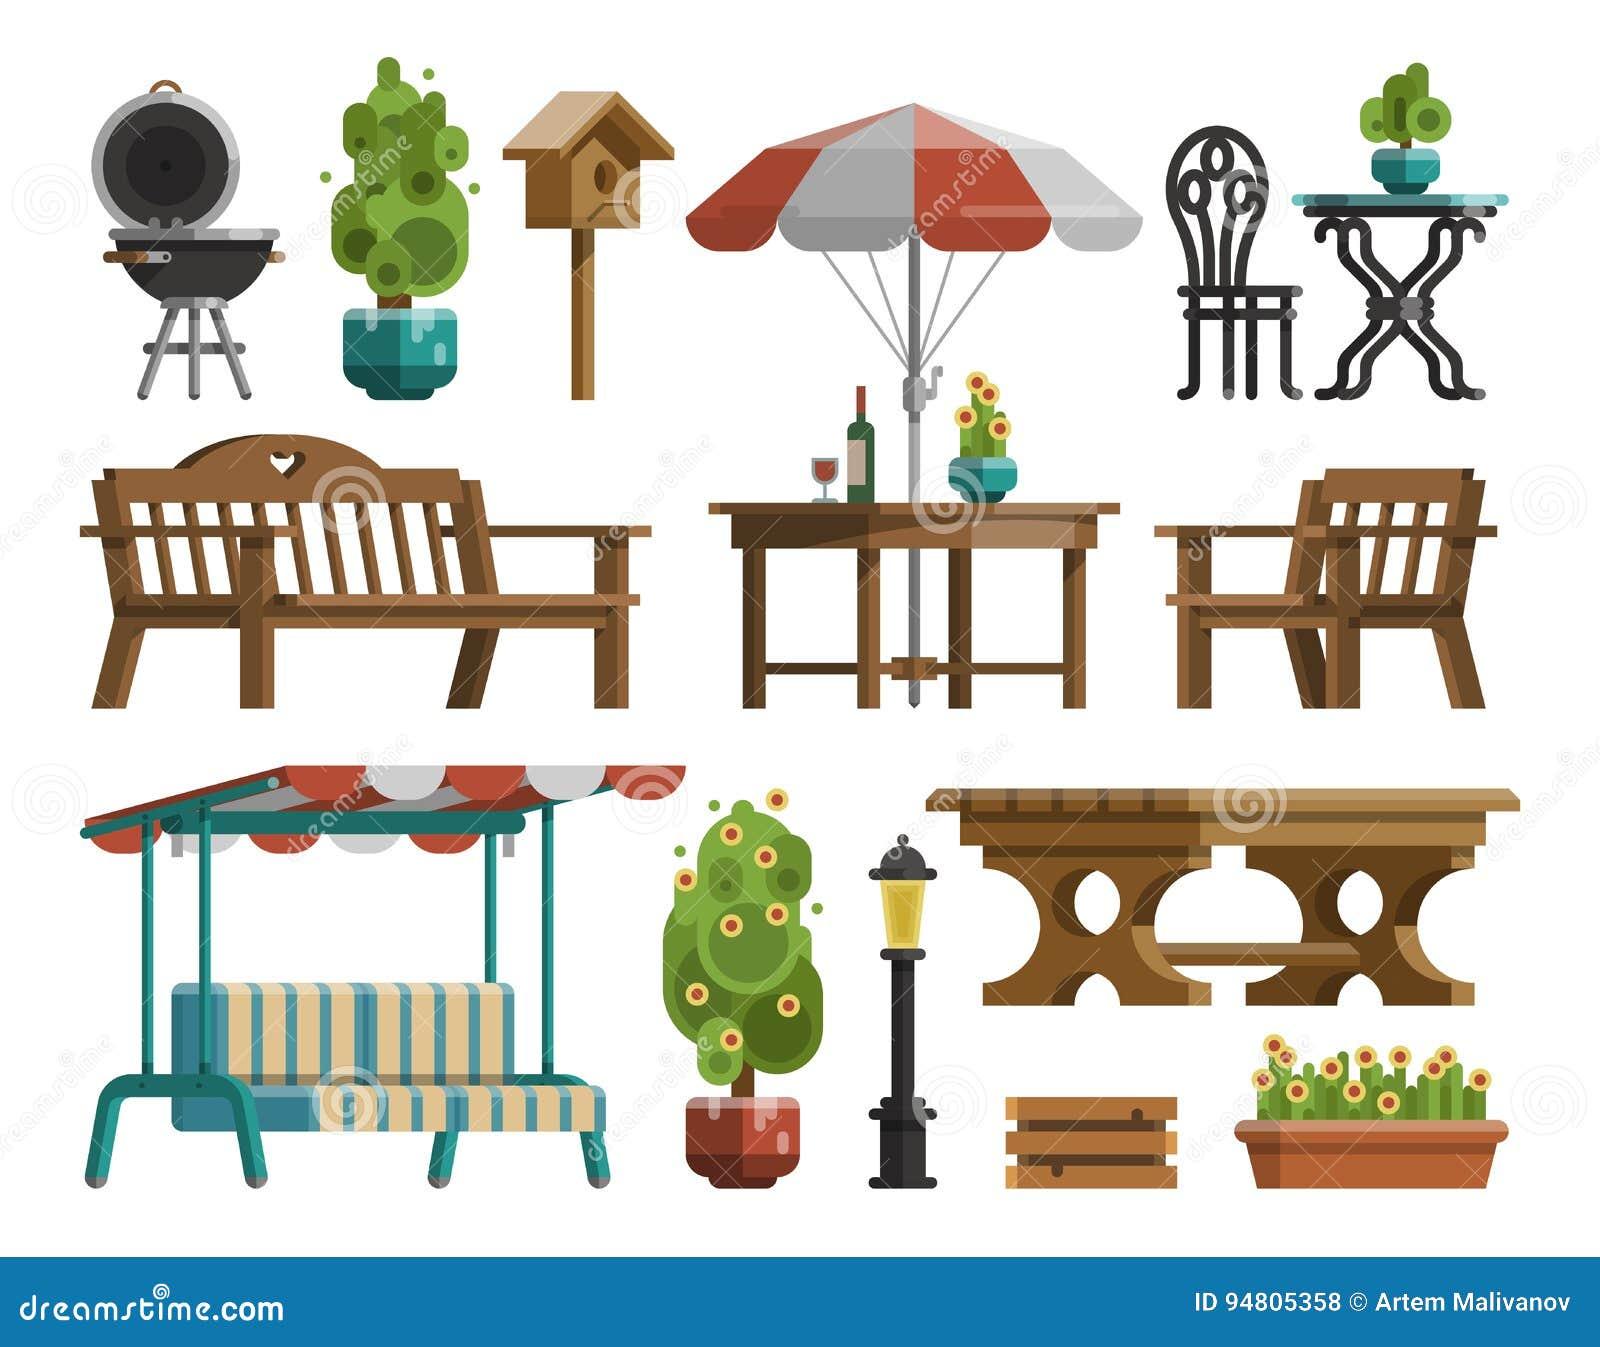 Mobili da giardino tavole sedie alberi decorativi illustrazione vettoriale illustrazione di - Alberi decorativi da giardino ...